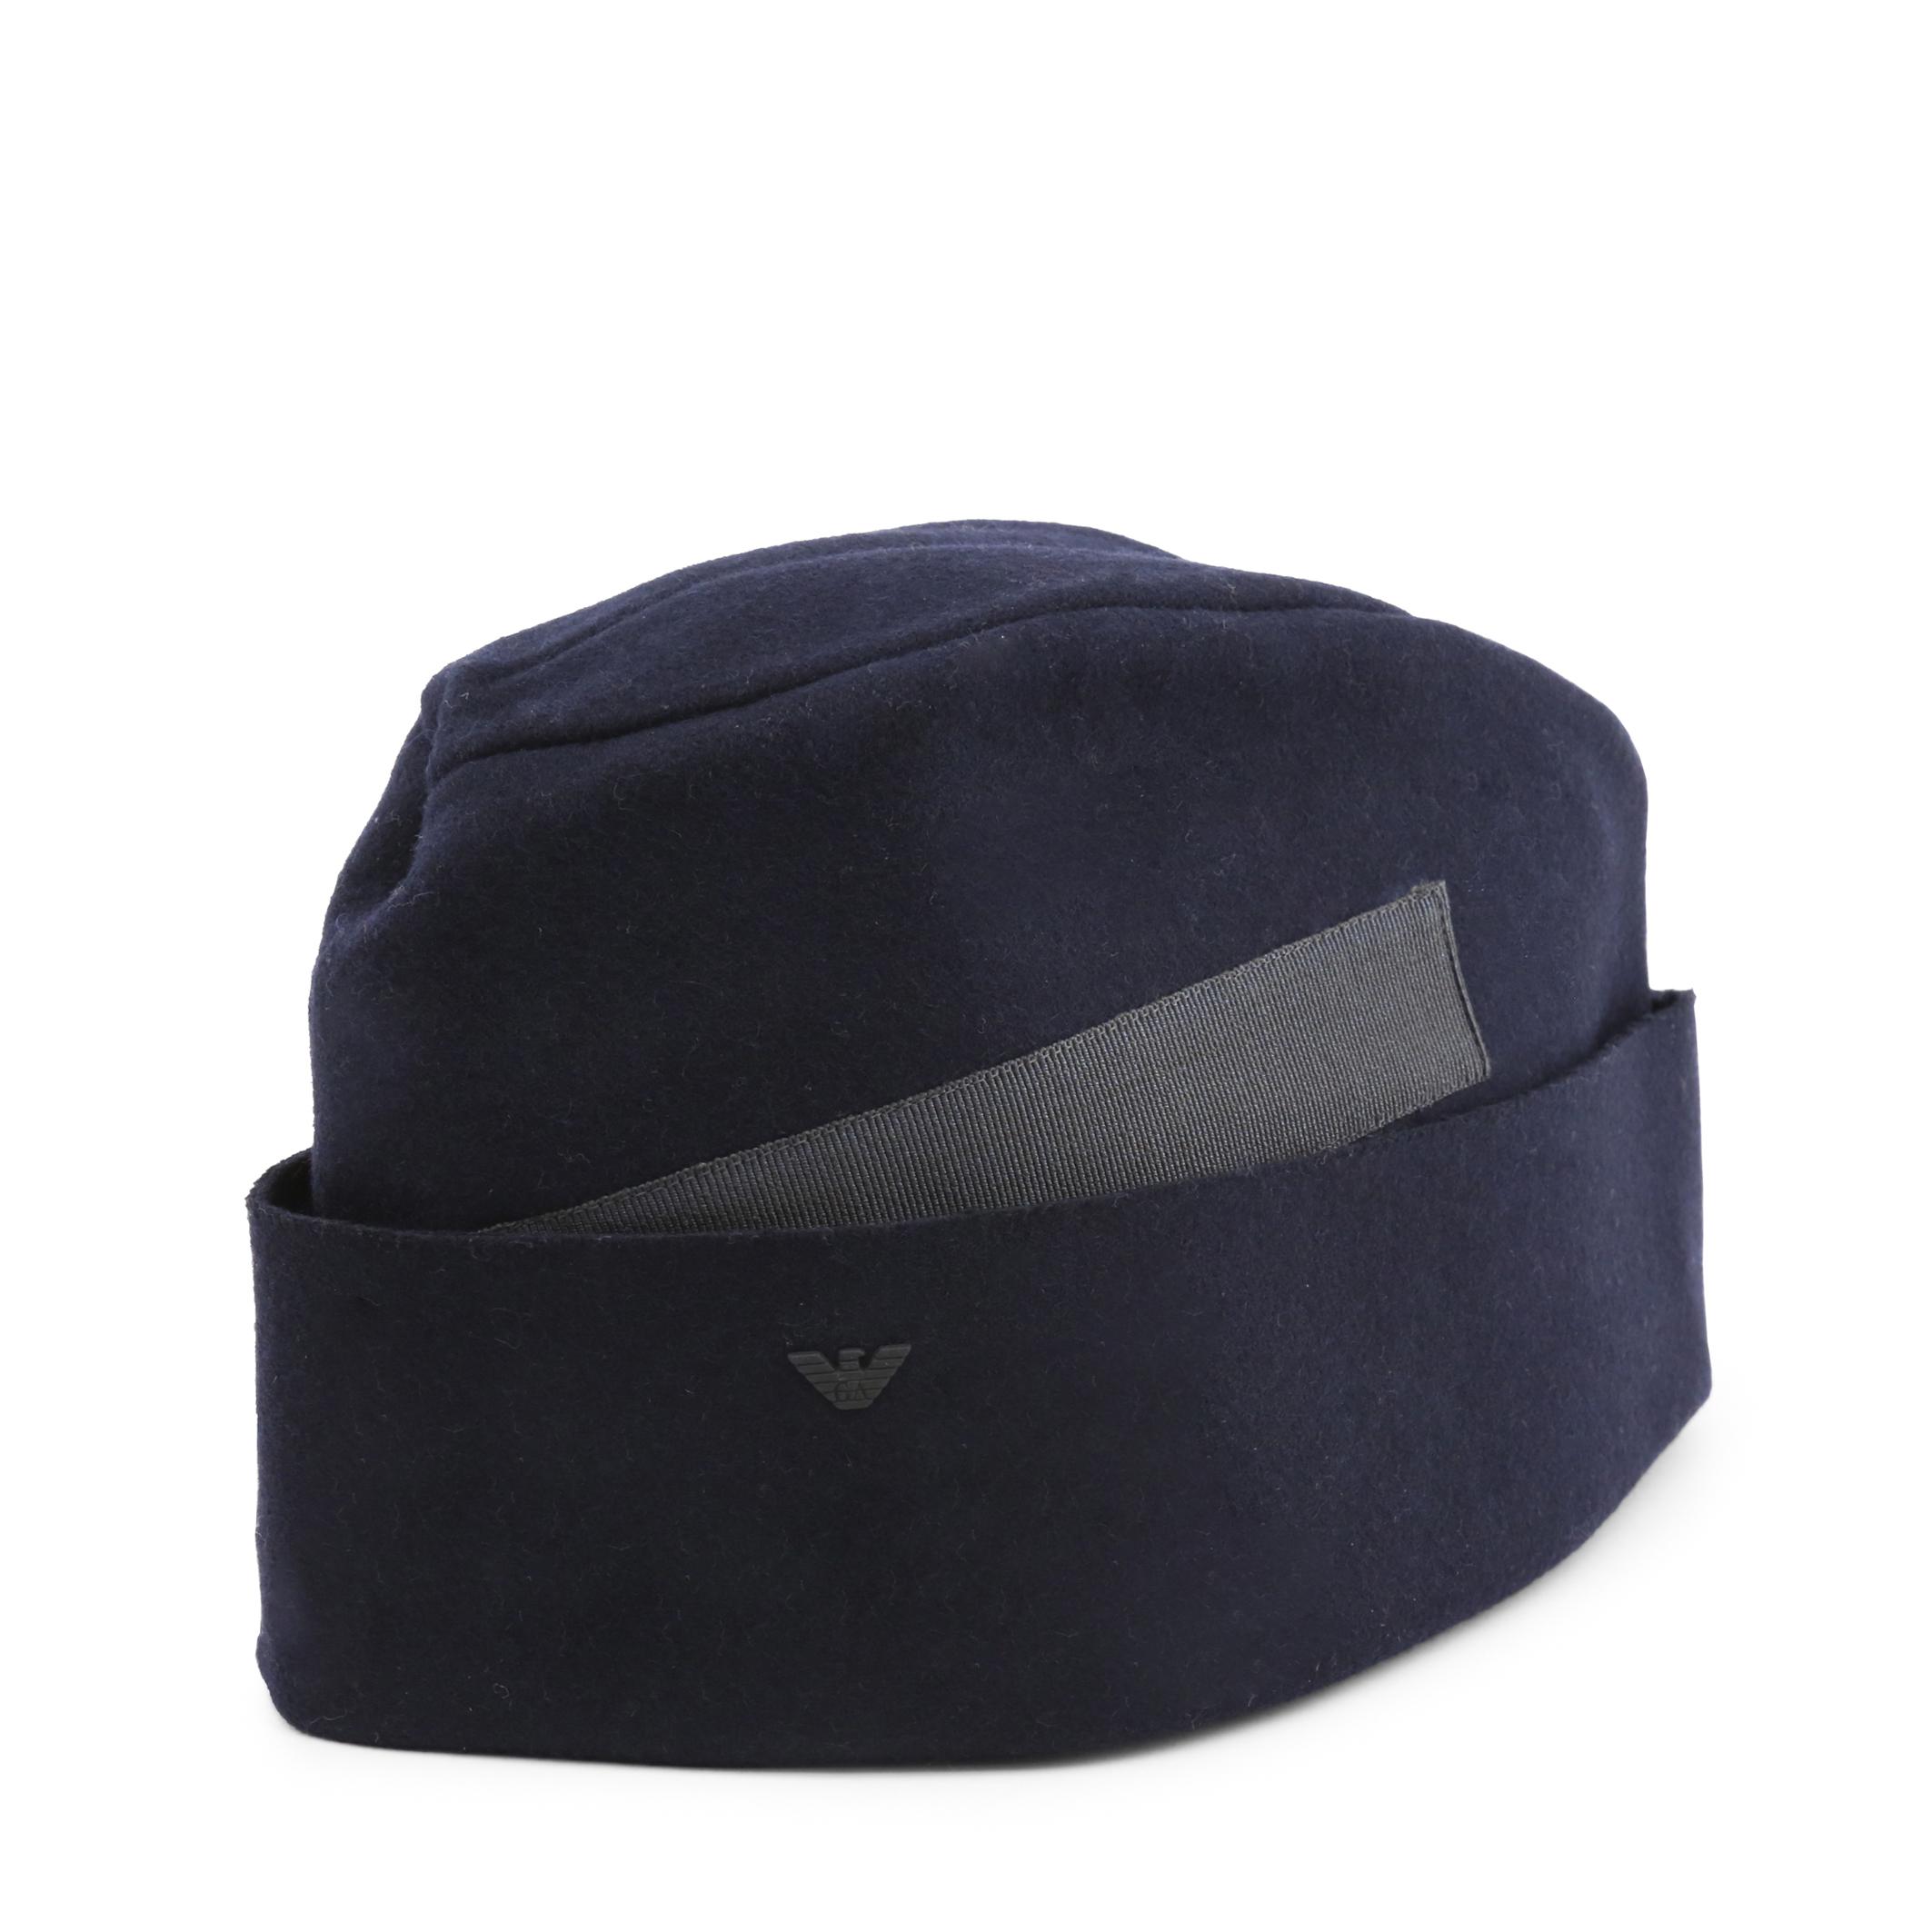 Cappello Emporio Armani 627737_5A600 Uomo Blu 97132